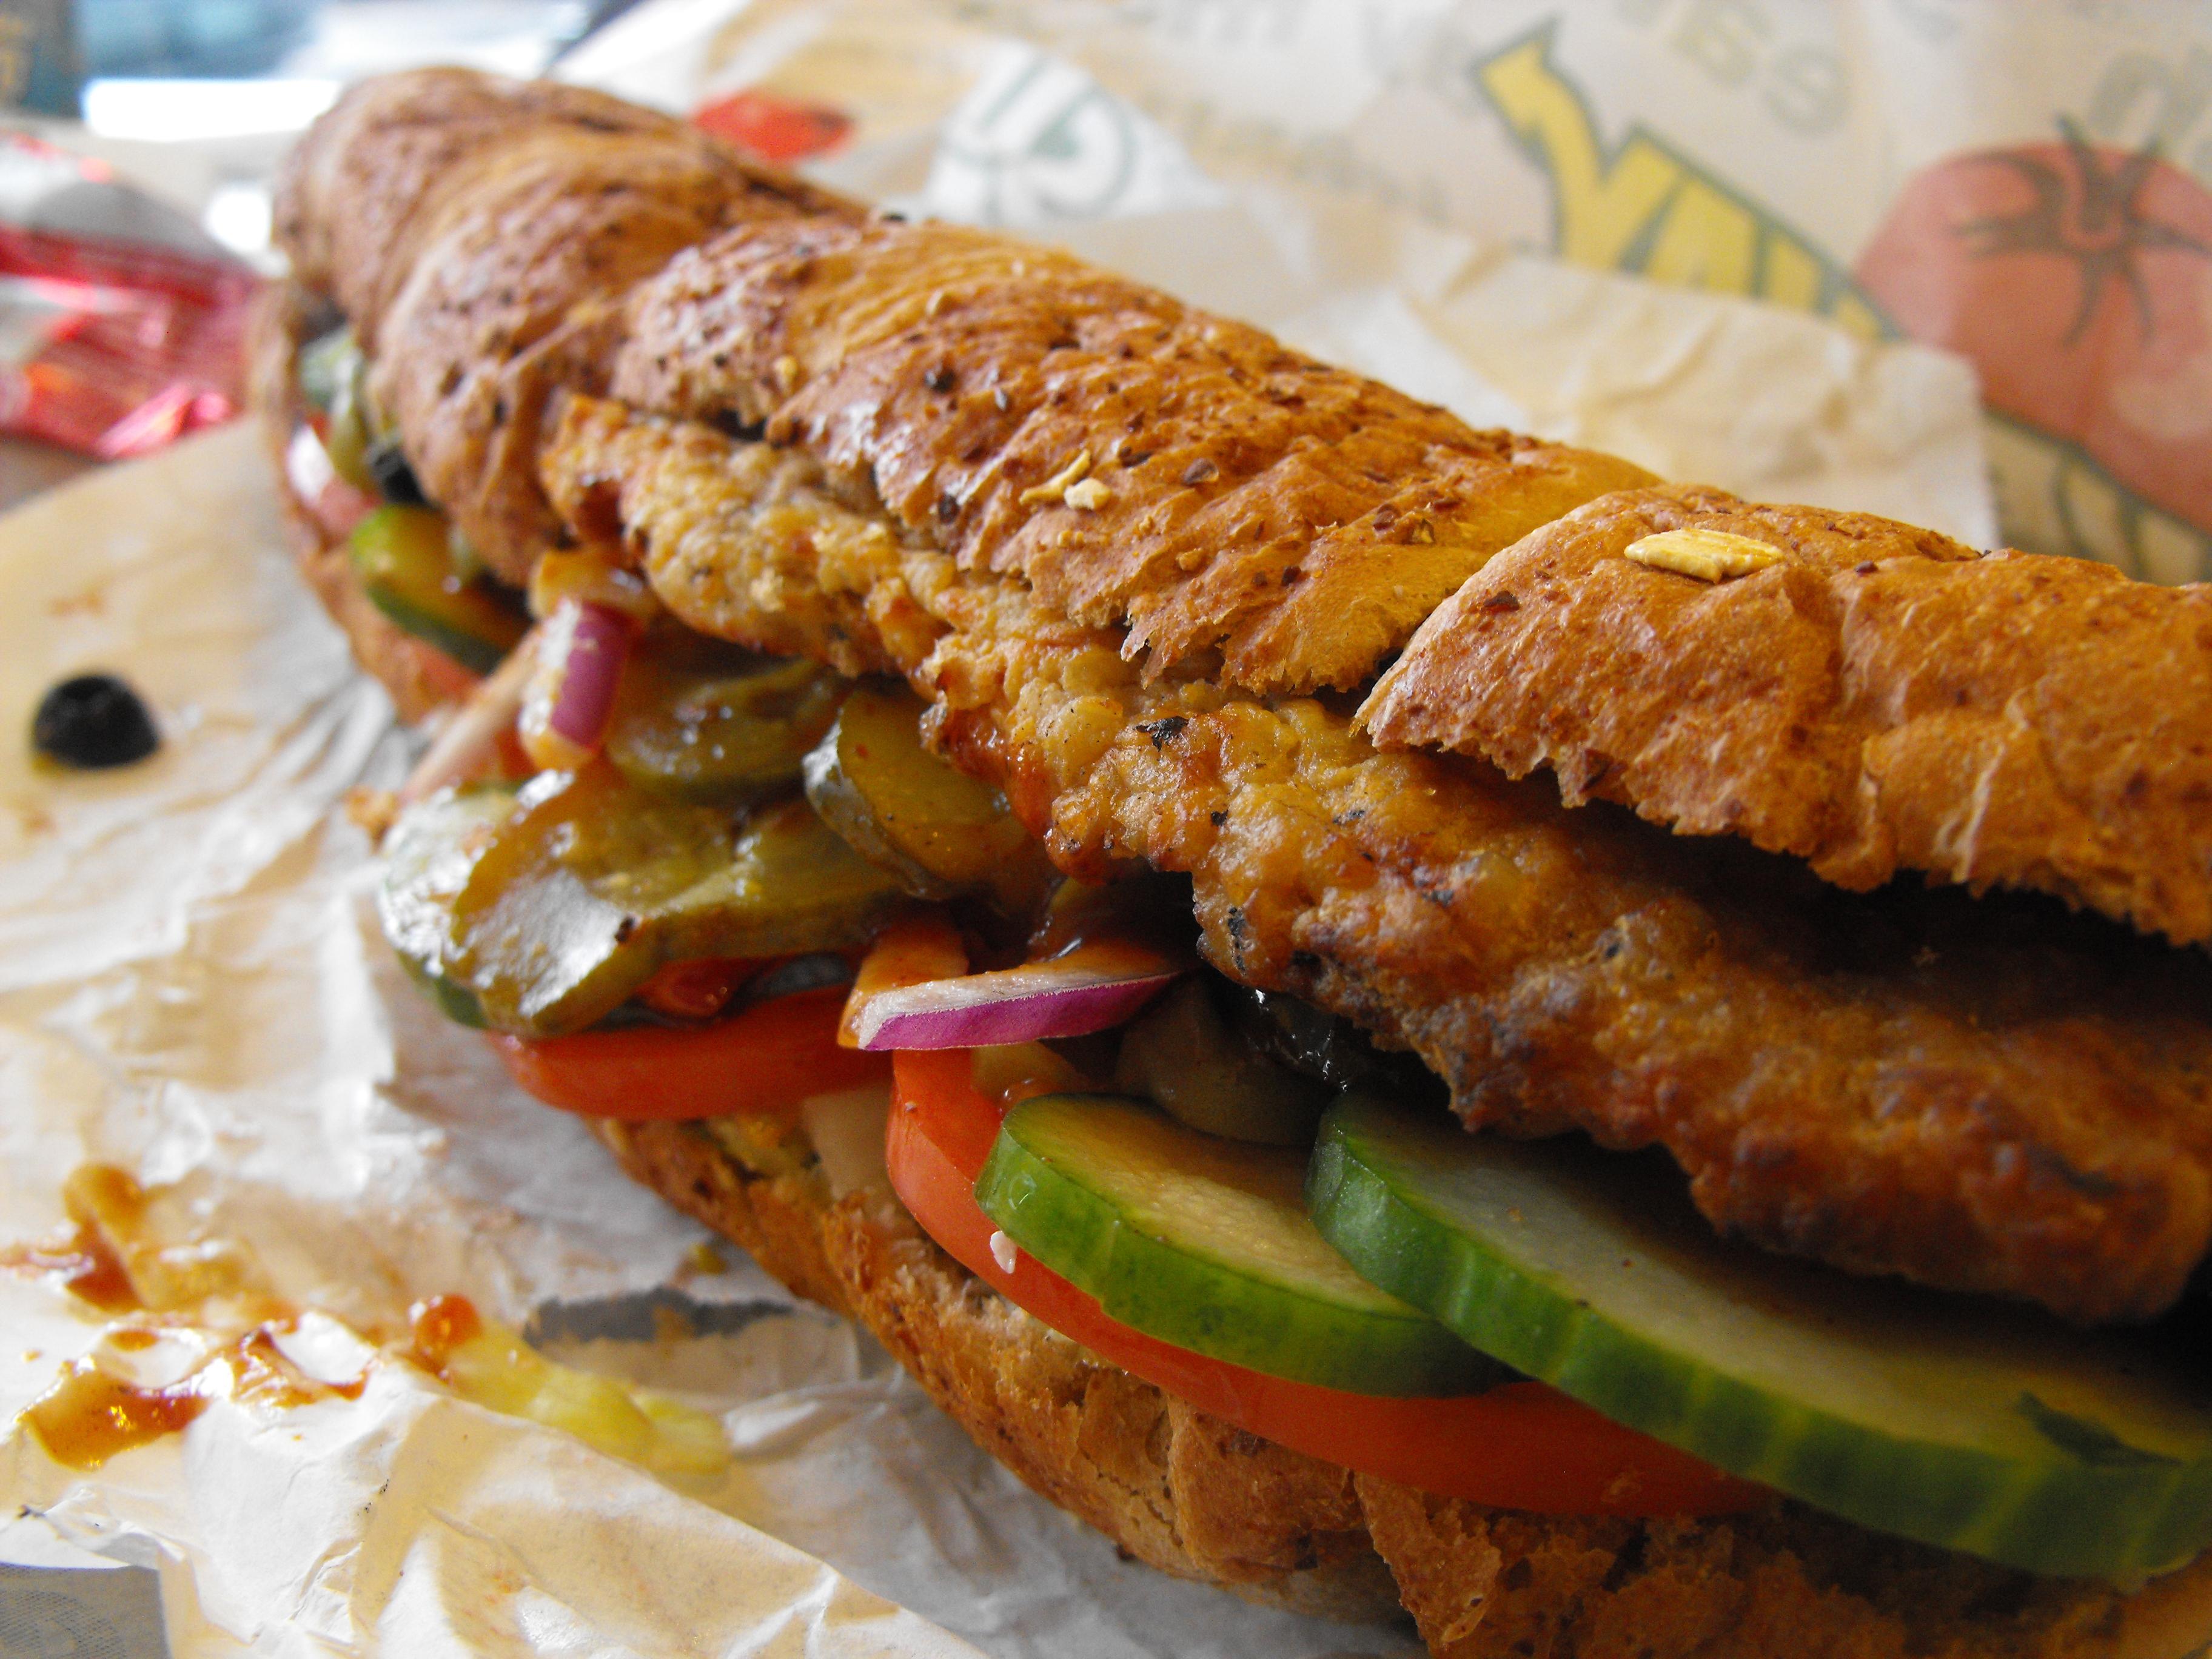 https://foodloader.net/cutie_2009-12-27_Subway_BBQ_Sandwich.jpg